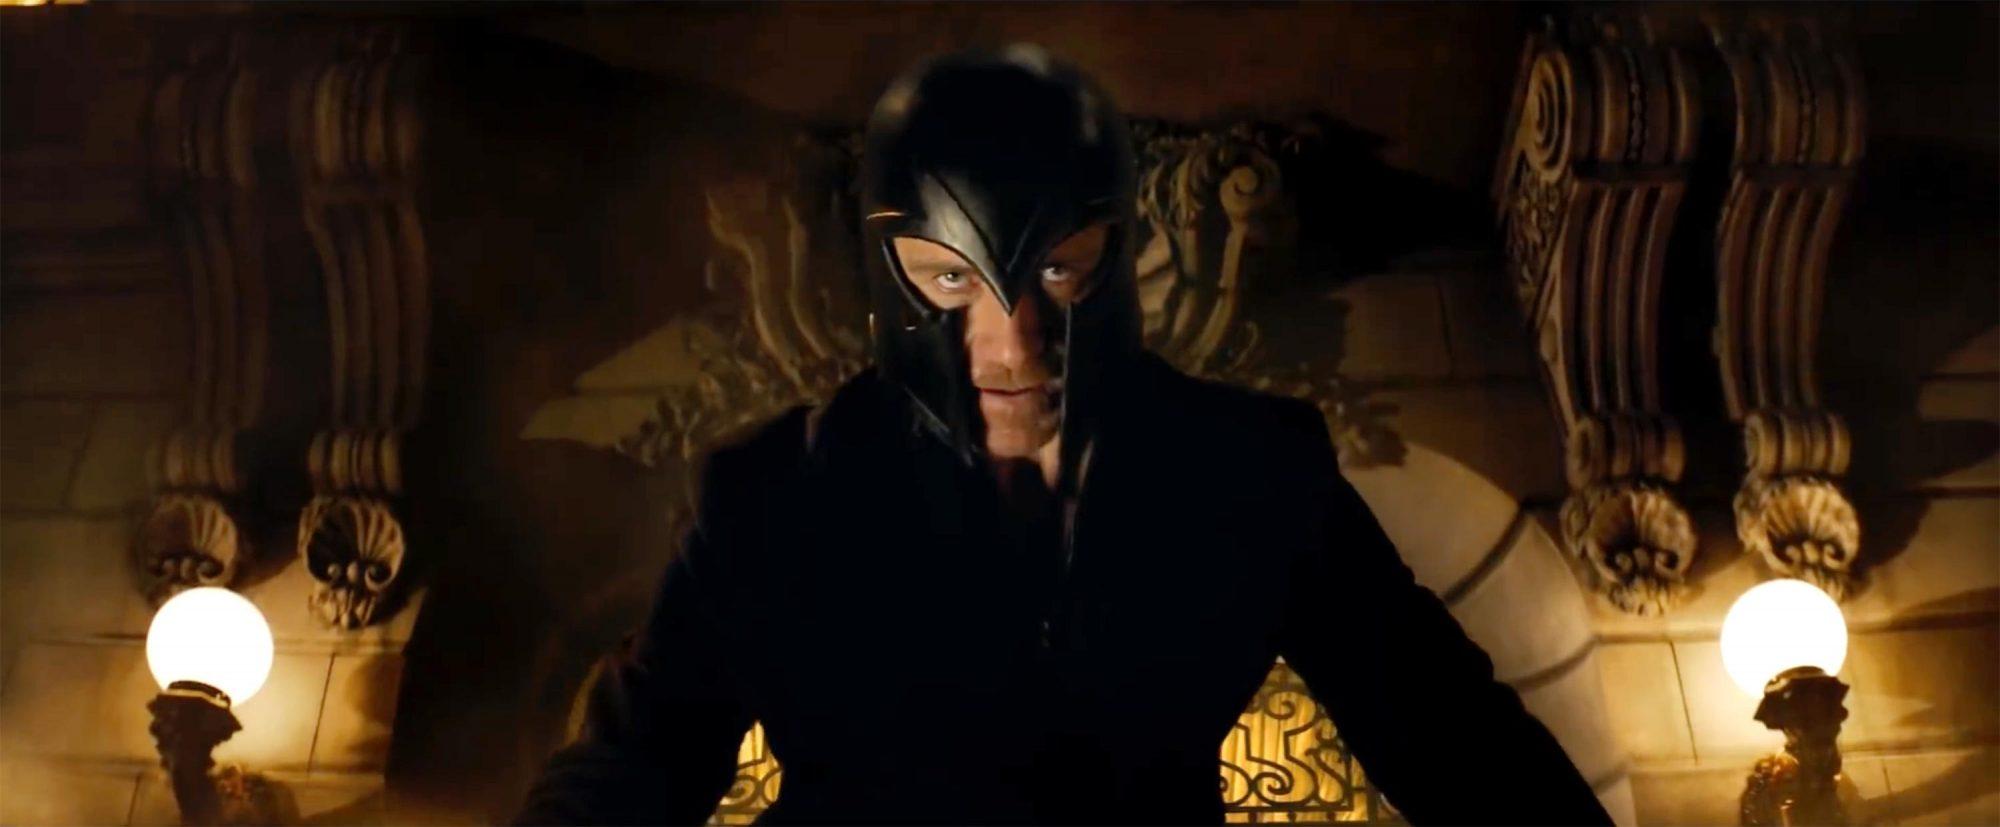 Magneto's back